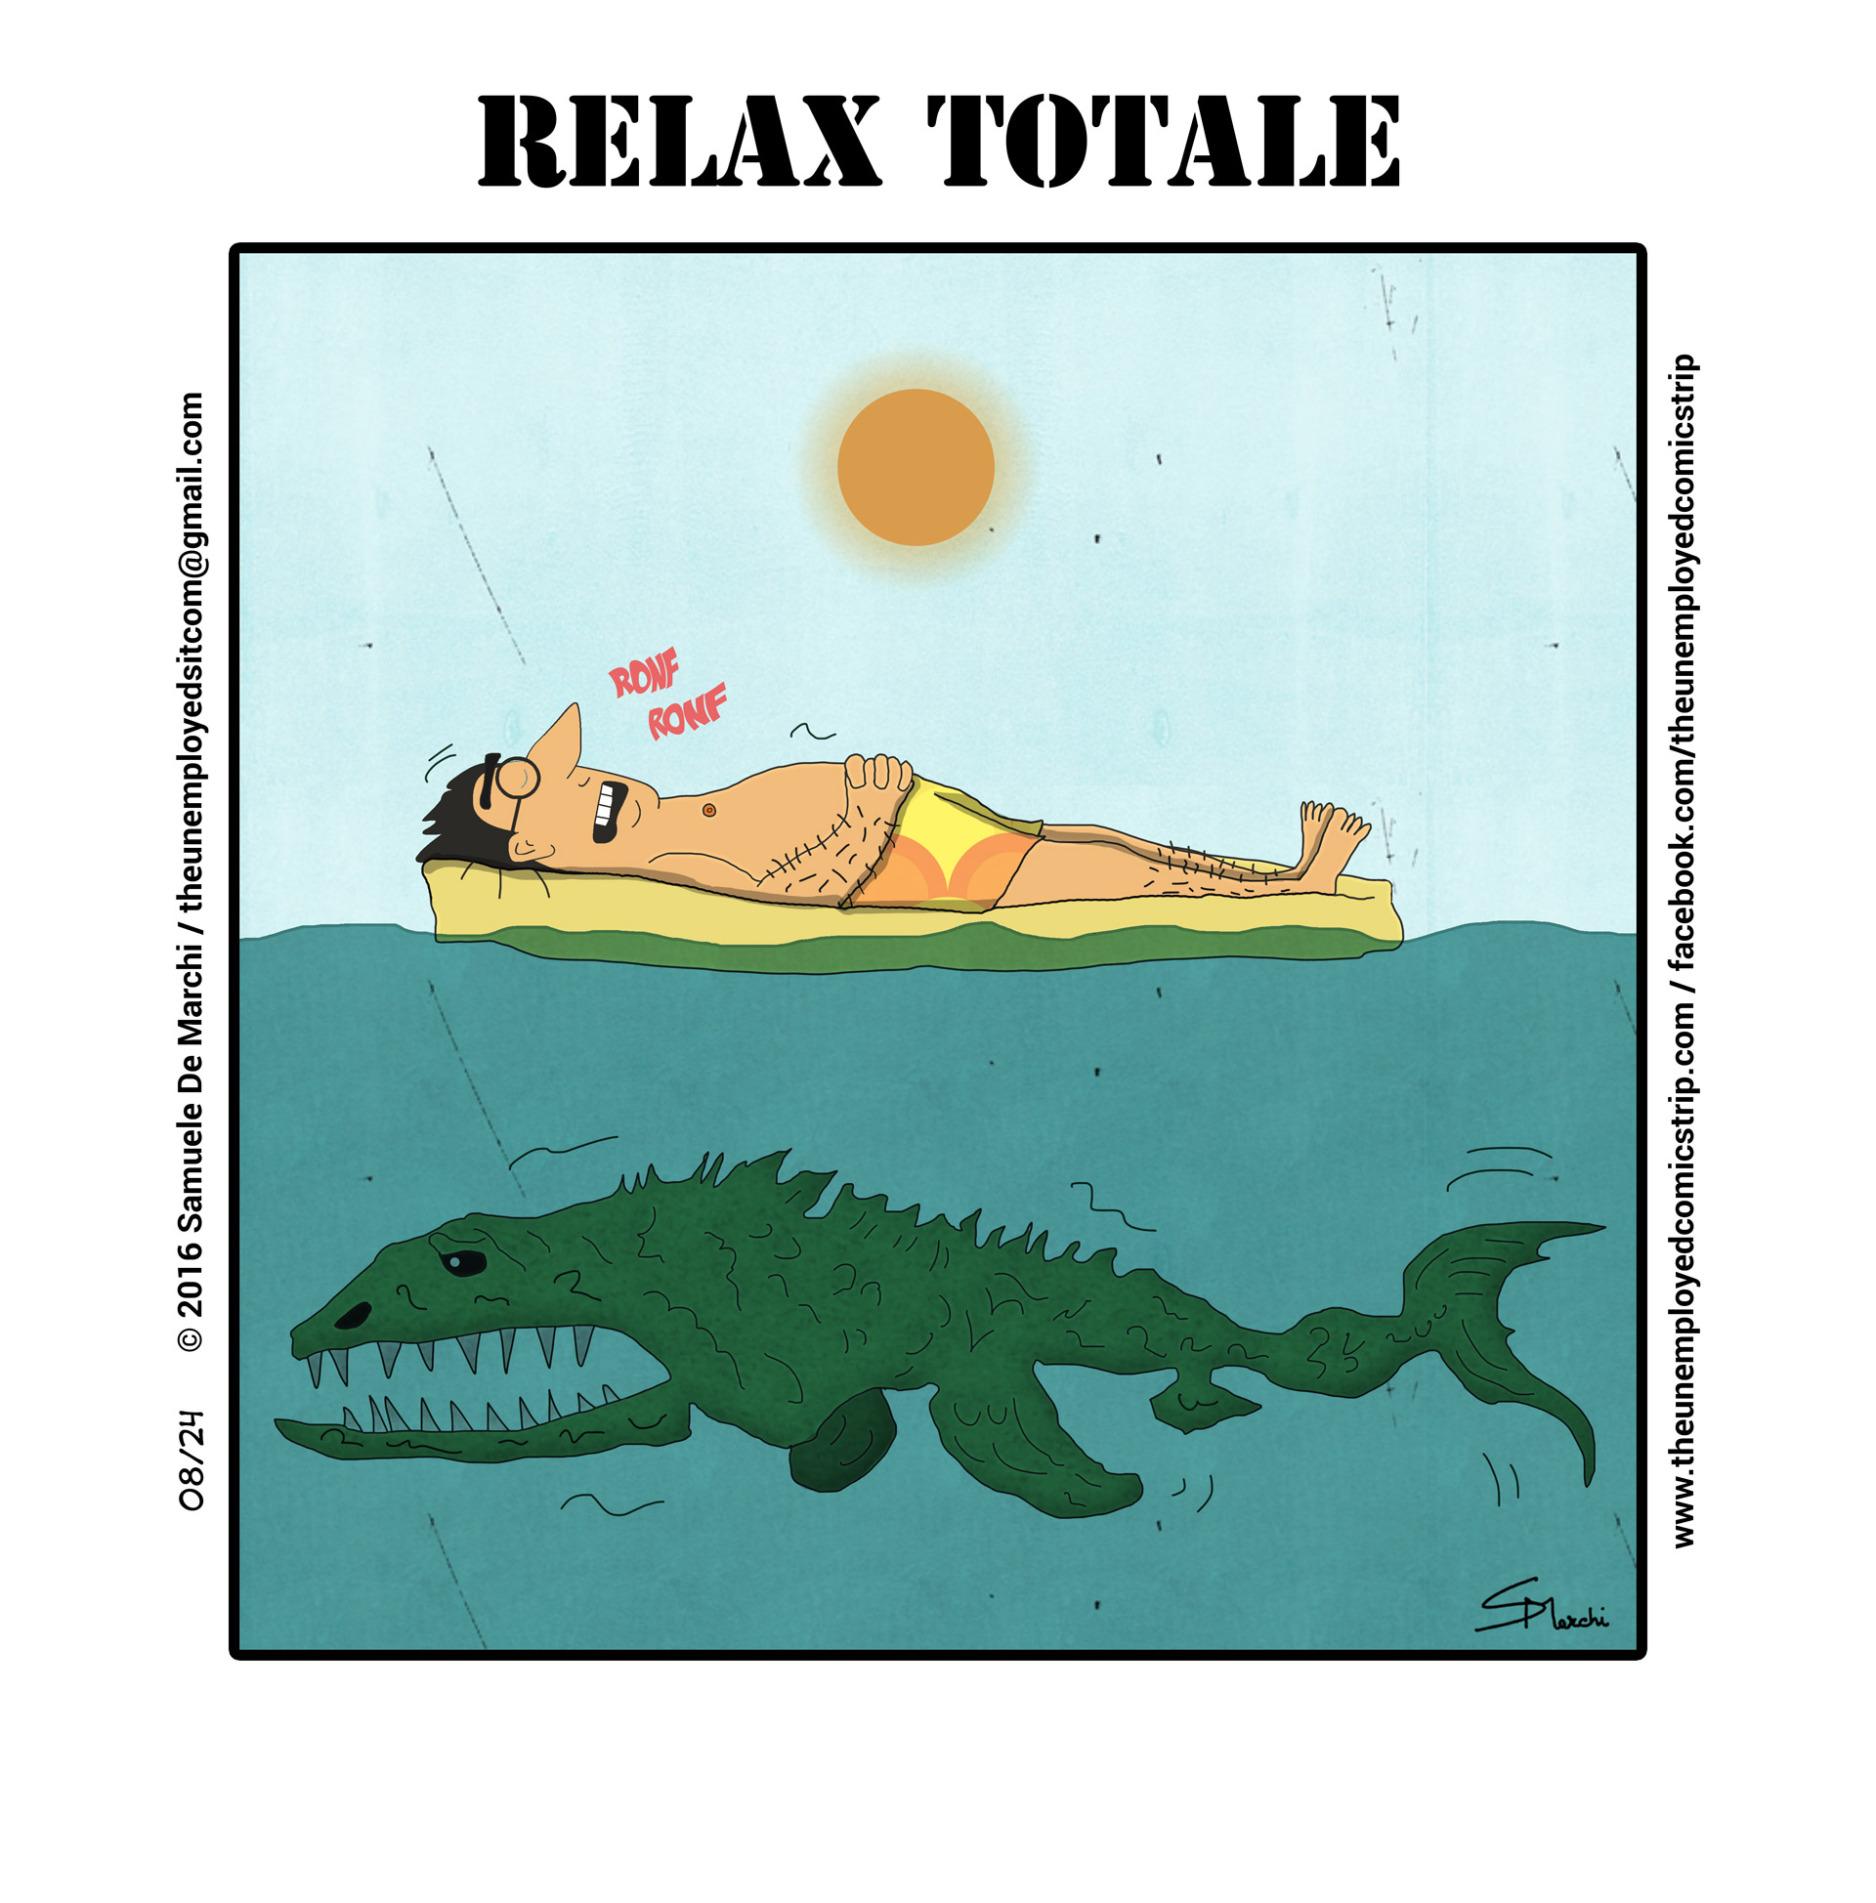 The Unemployed - Ultimi giorni di relax al mare